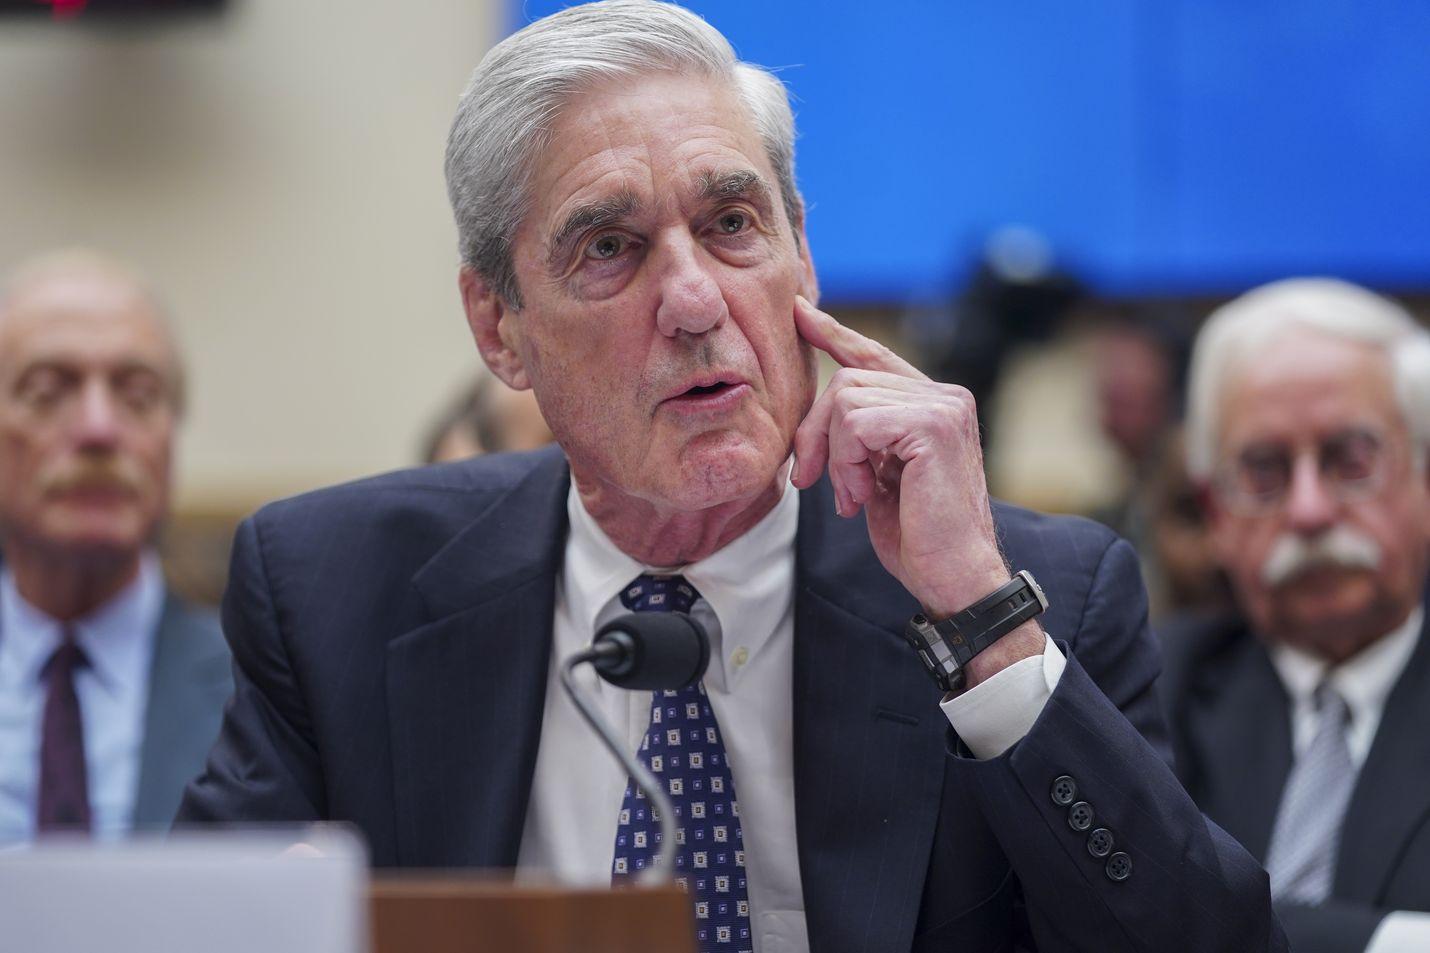 Yhdysvaltain puolueet pyrkivät saamaan Robert Muellerin esiintymisestä kongressissa keskiviikkona vahvistusta omille näkemyksilleen.